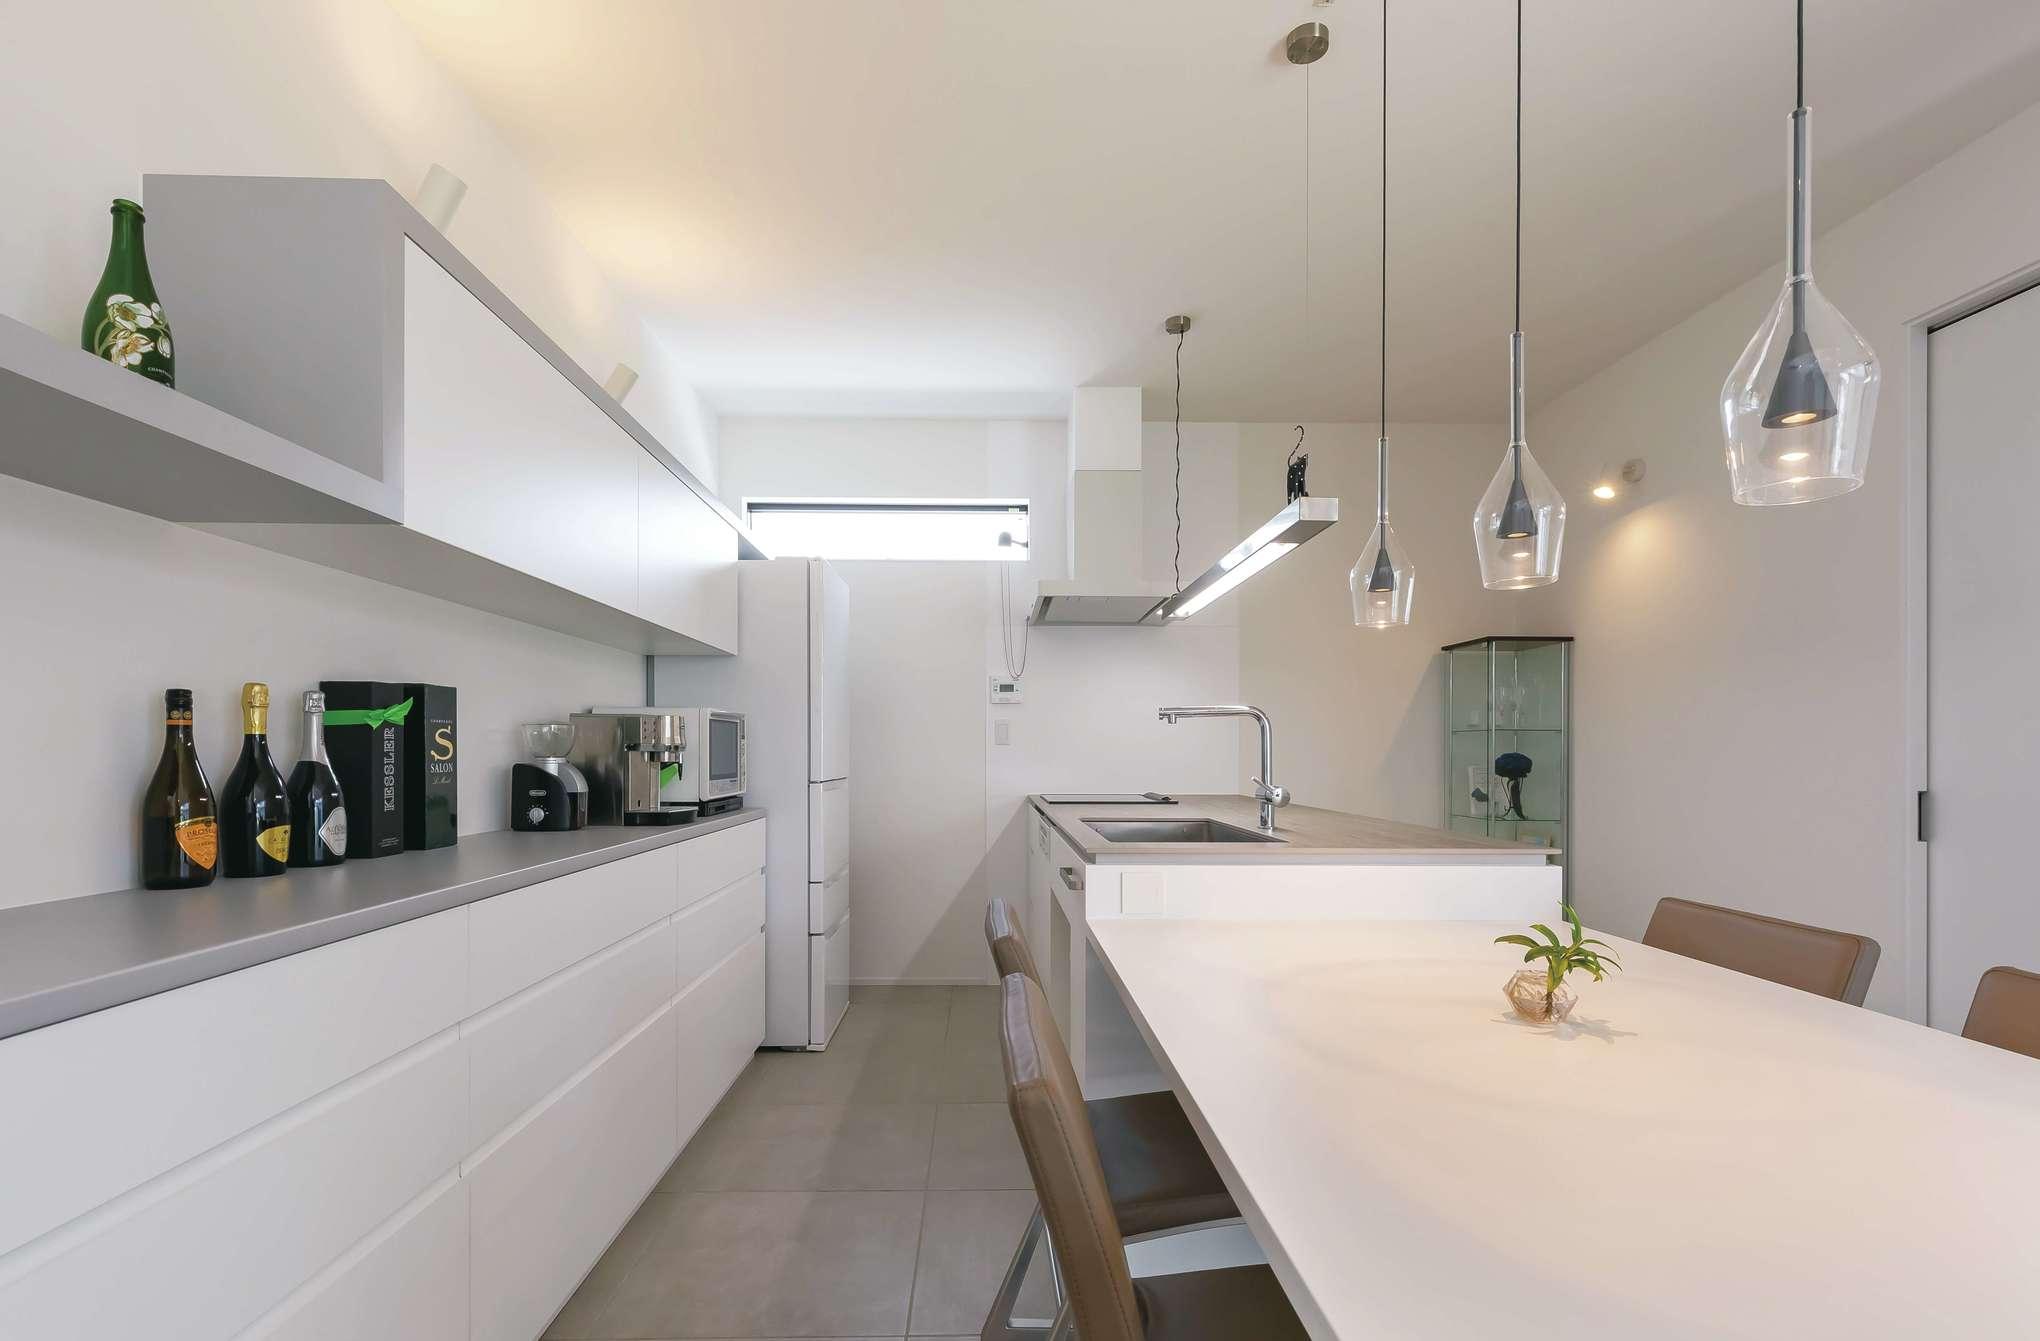 MABUCHI【デザイン住宅、省エネ、建築家】オーダーメイドのキッチンはテーブルと一体型。背面の収納は床のフロアタイルに合わせてグレーをアクセントに活かしている